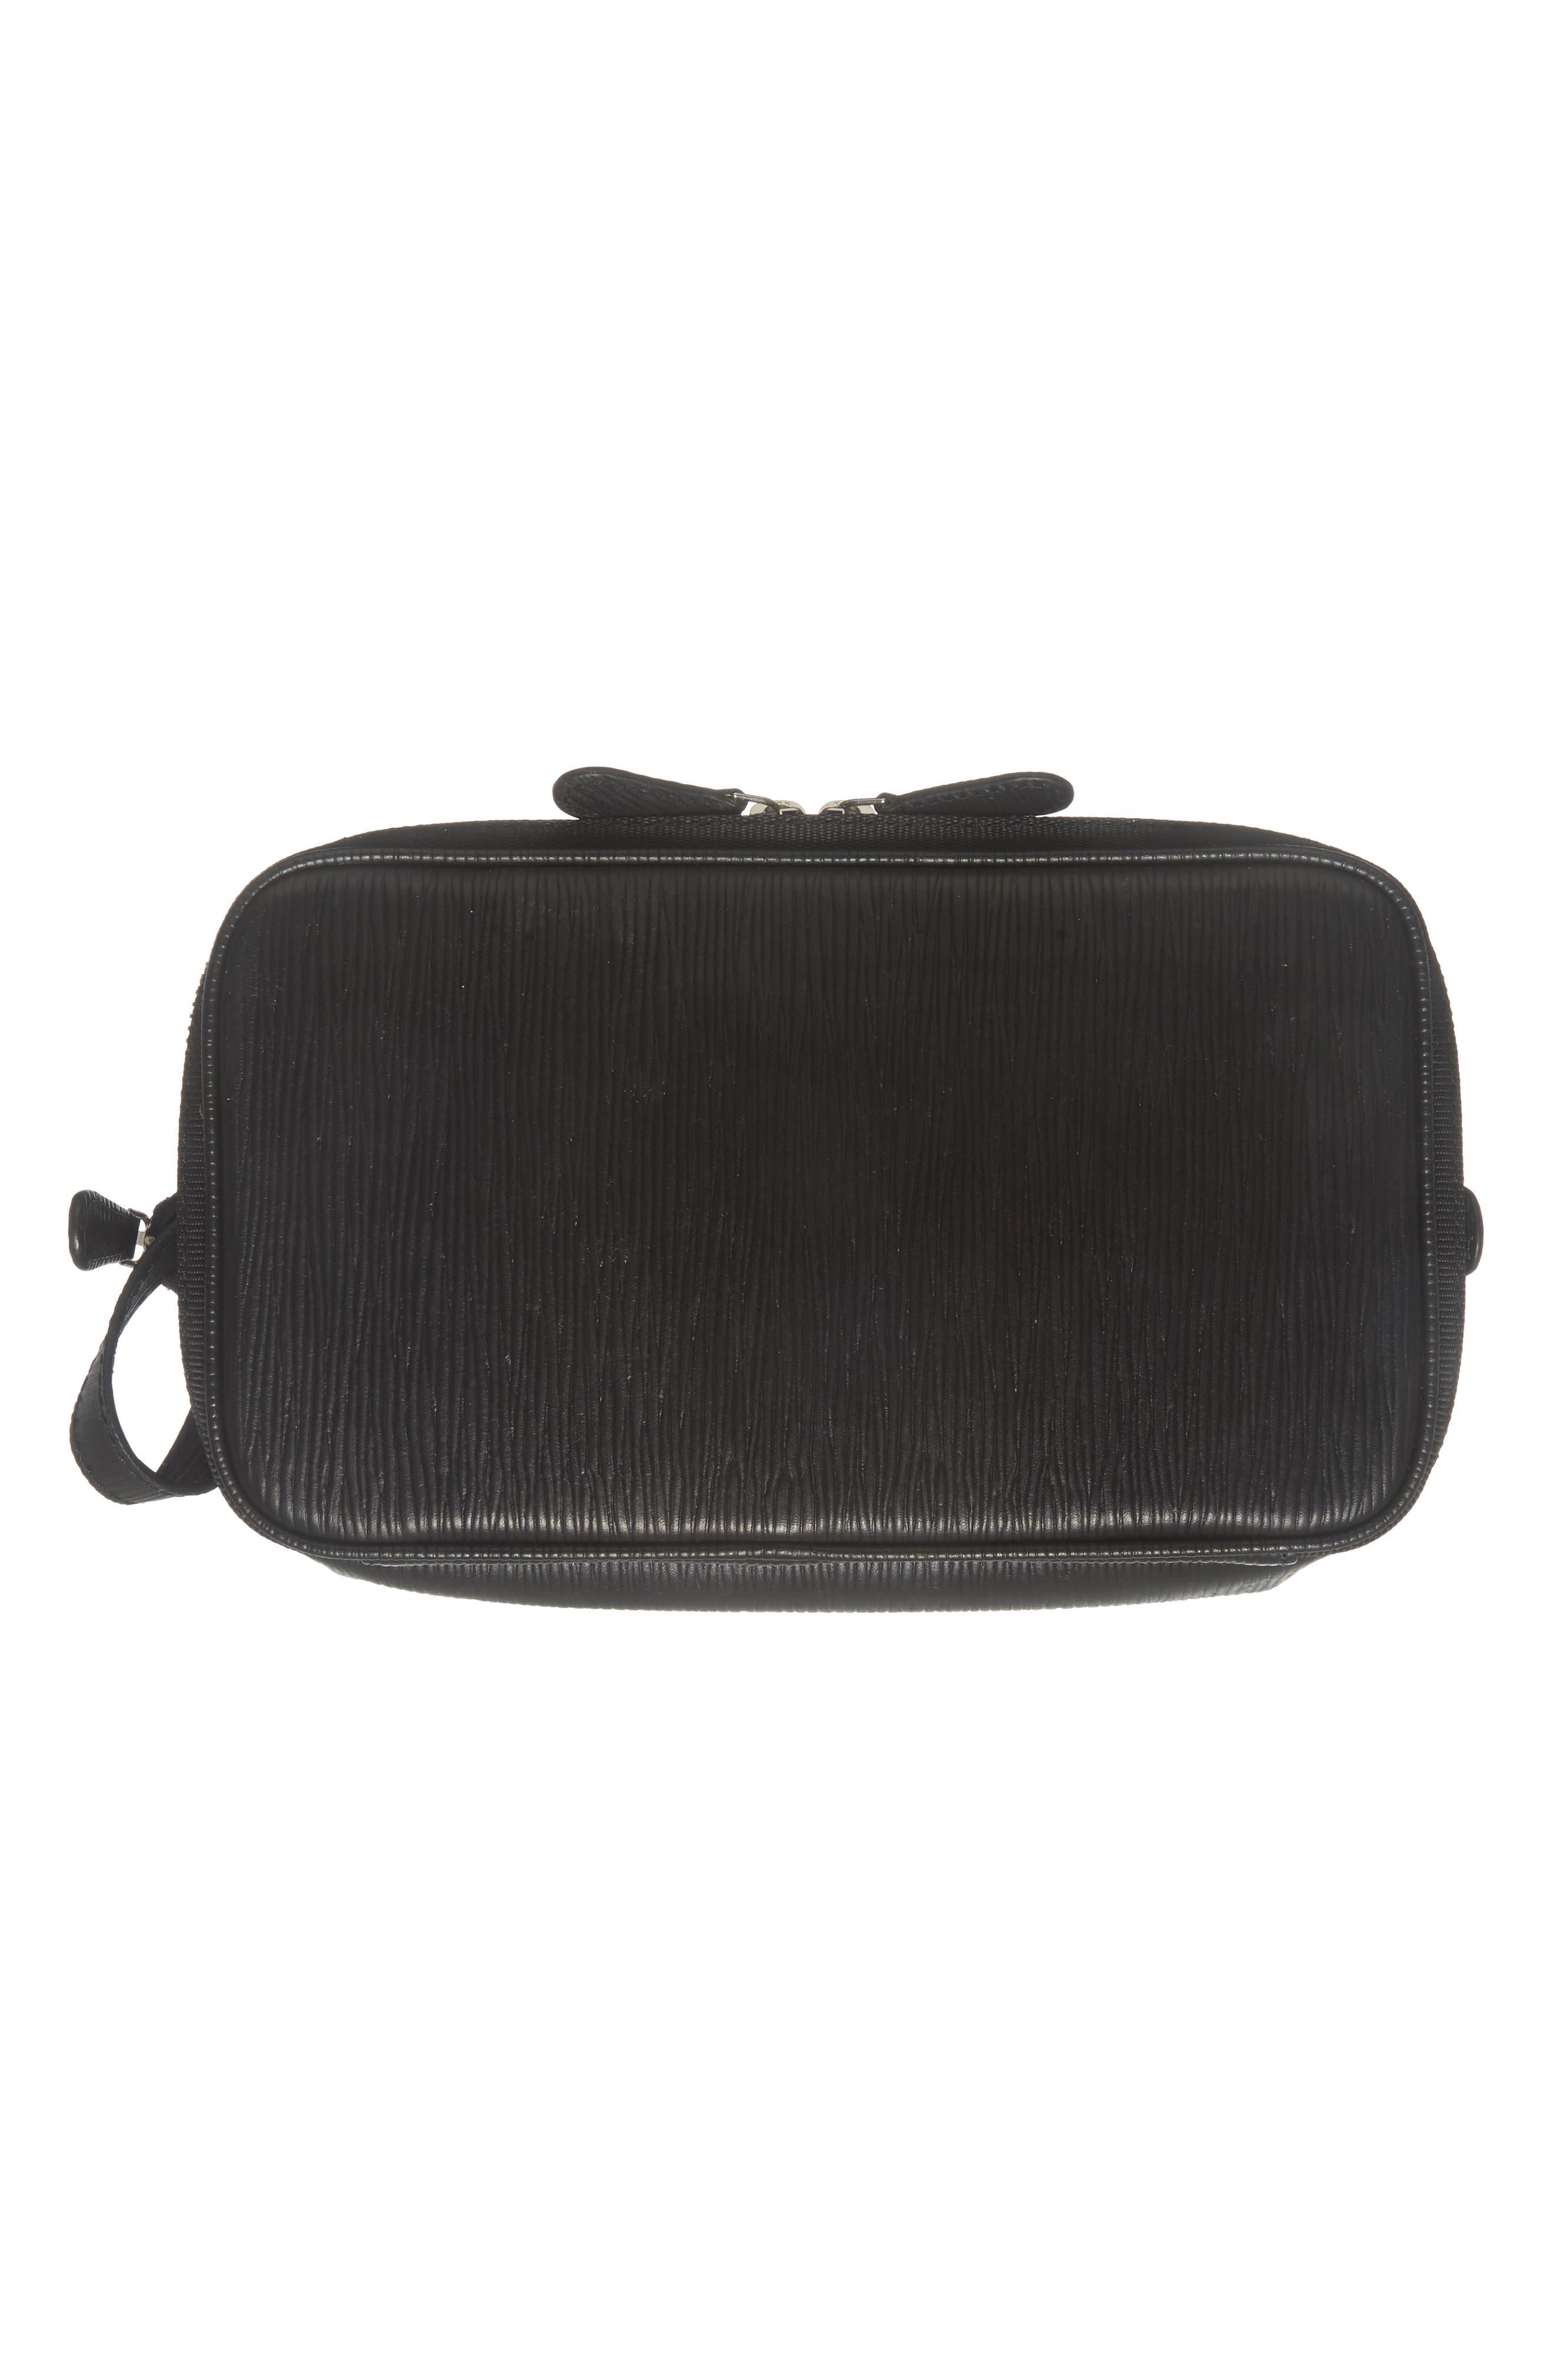 Kitter Leather Dopp Kit,                             Alternate thumbnail 5, color,                             Black